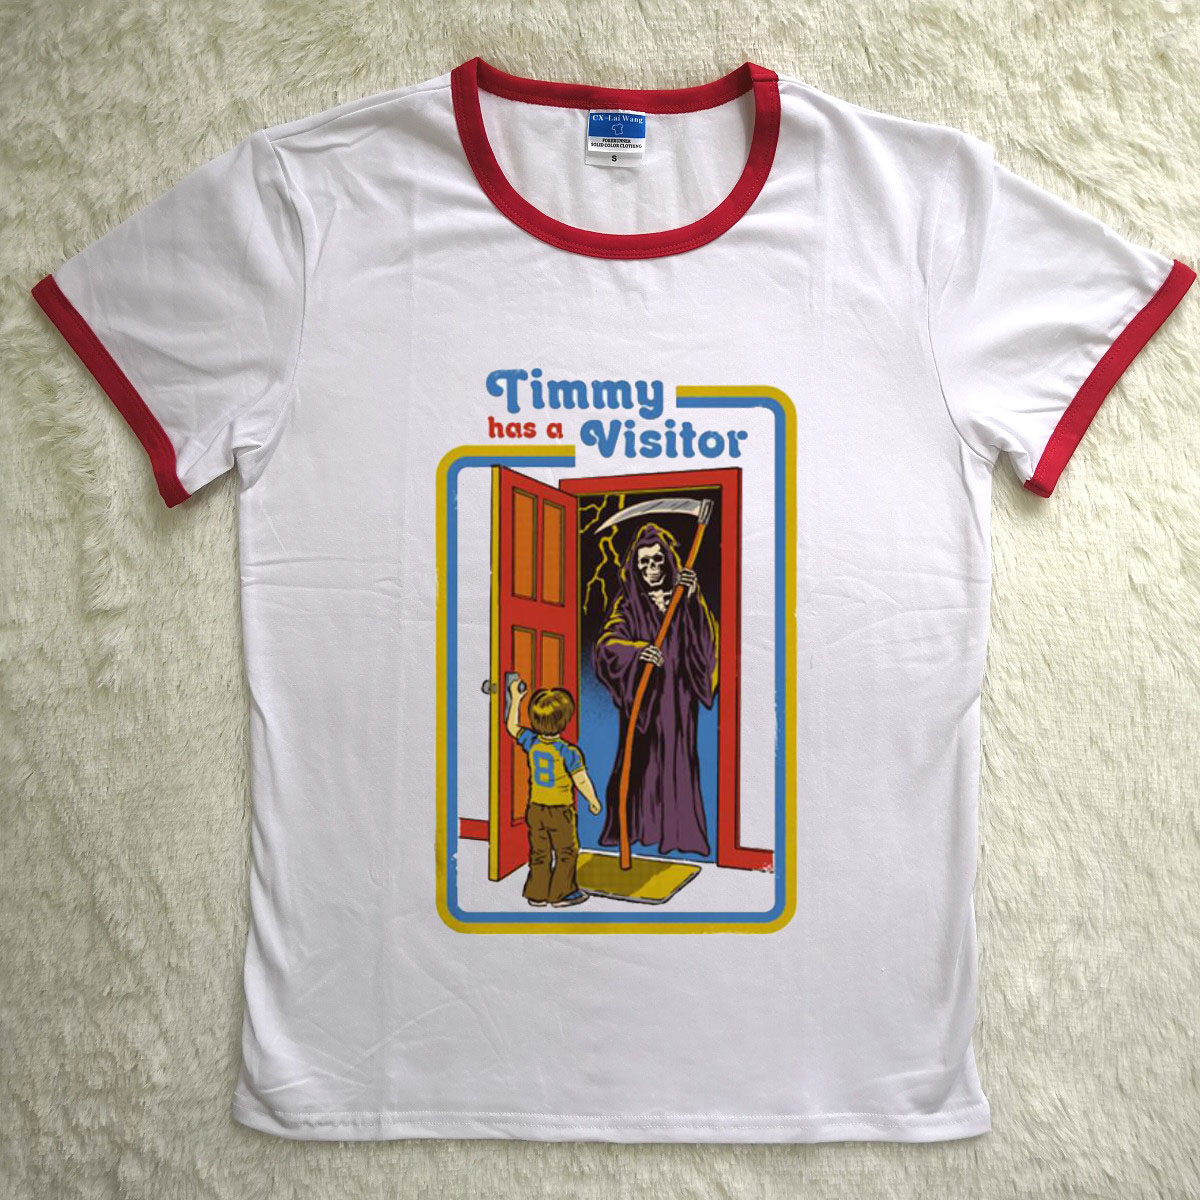 Hillbilly Drôle Femmes T-shirts À Manches Courtes Timmy A un Visiteur imprimé Puissance Maléfique Vintage Top Harajuku D'été Tops t-shirt femmes